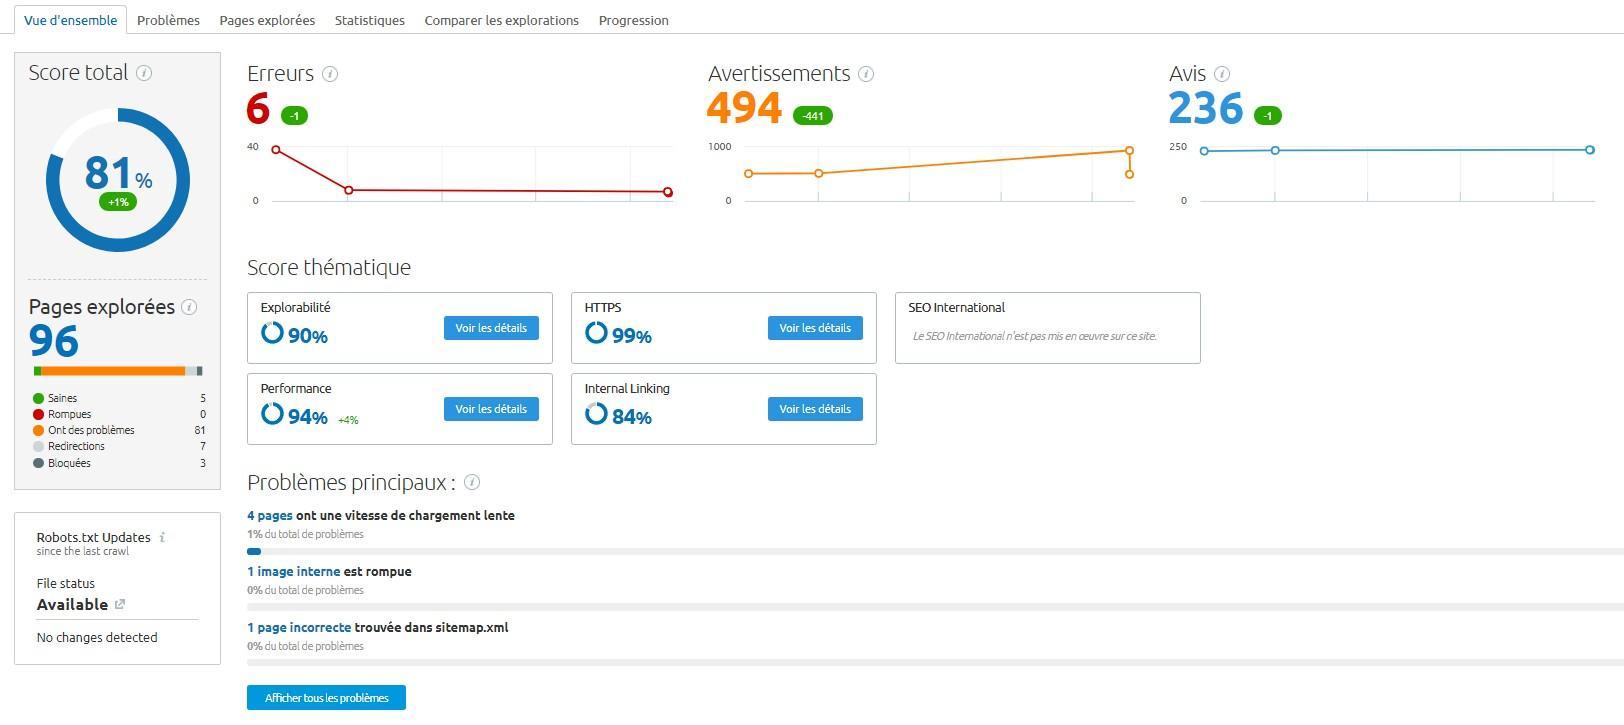 img2-optimisez-votre-site-dans-les-moteurs-de-recherche